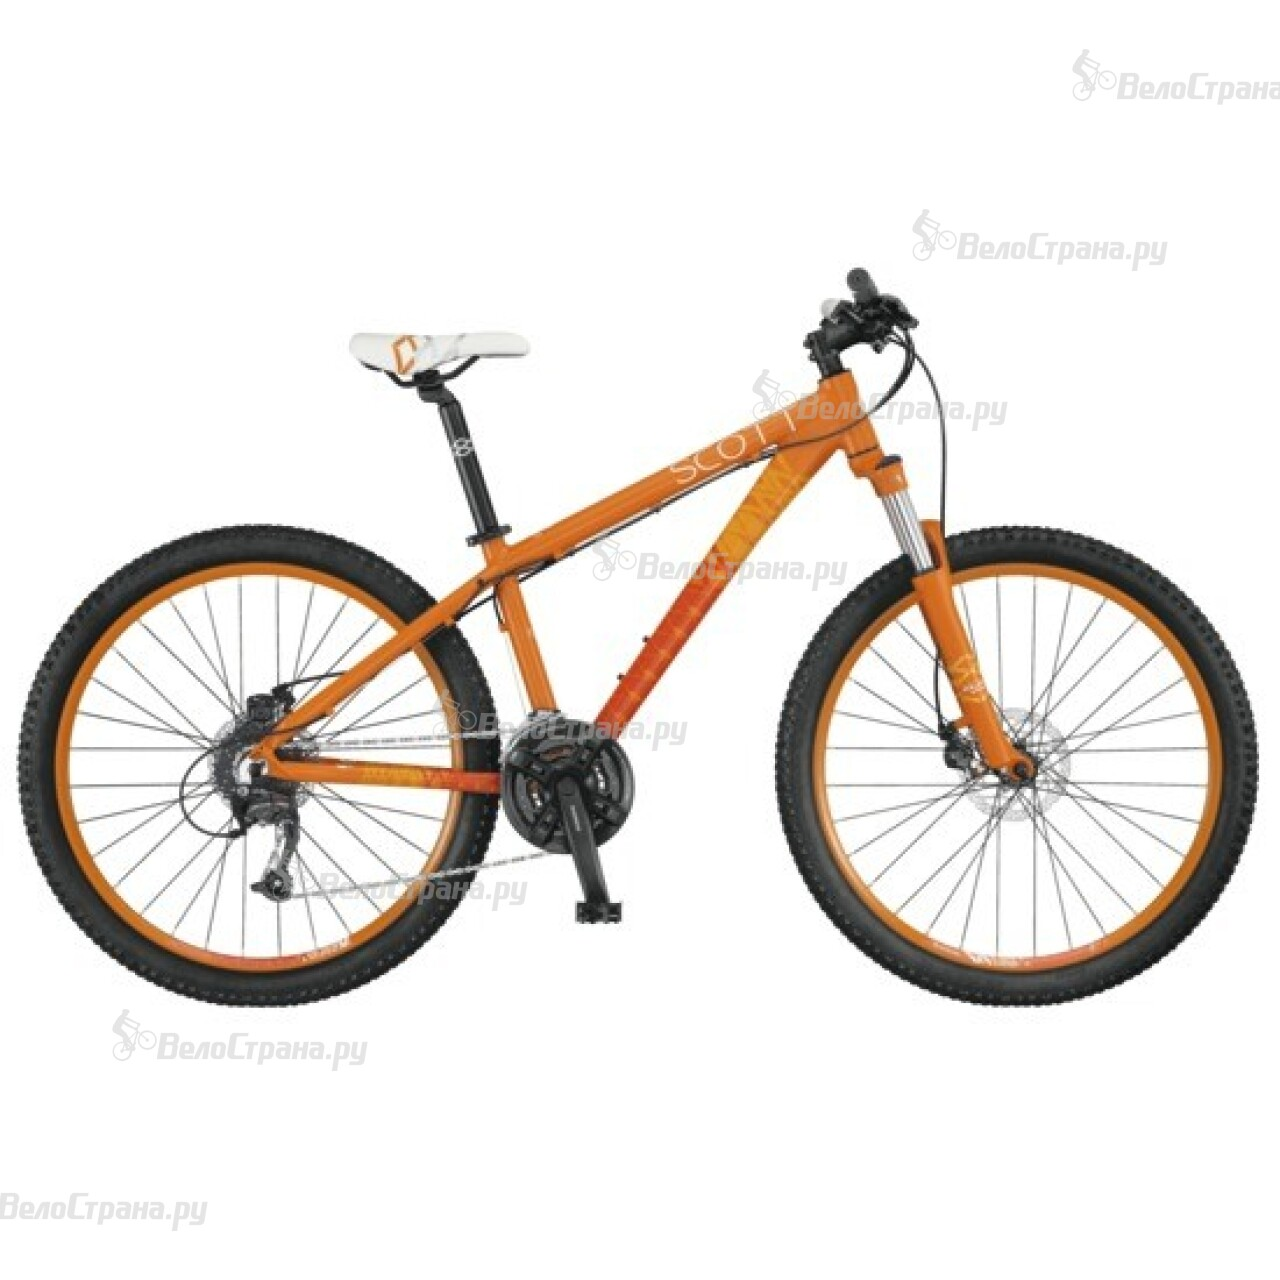 Велосипед Scott Contessa 630 (2014) велосипед scott contessa solace 15 compact 2015